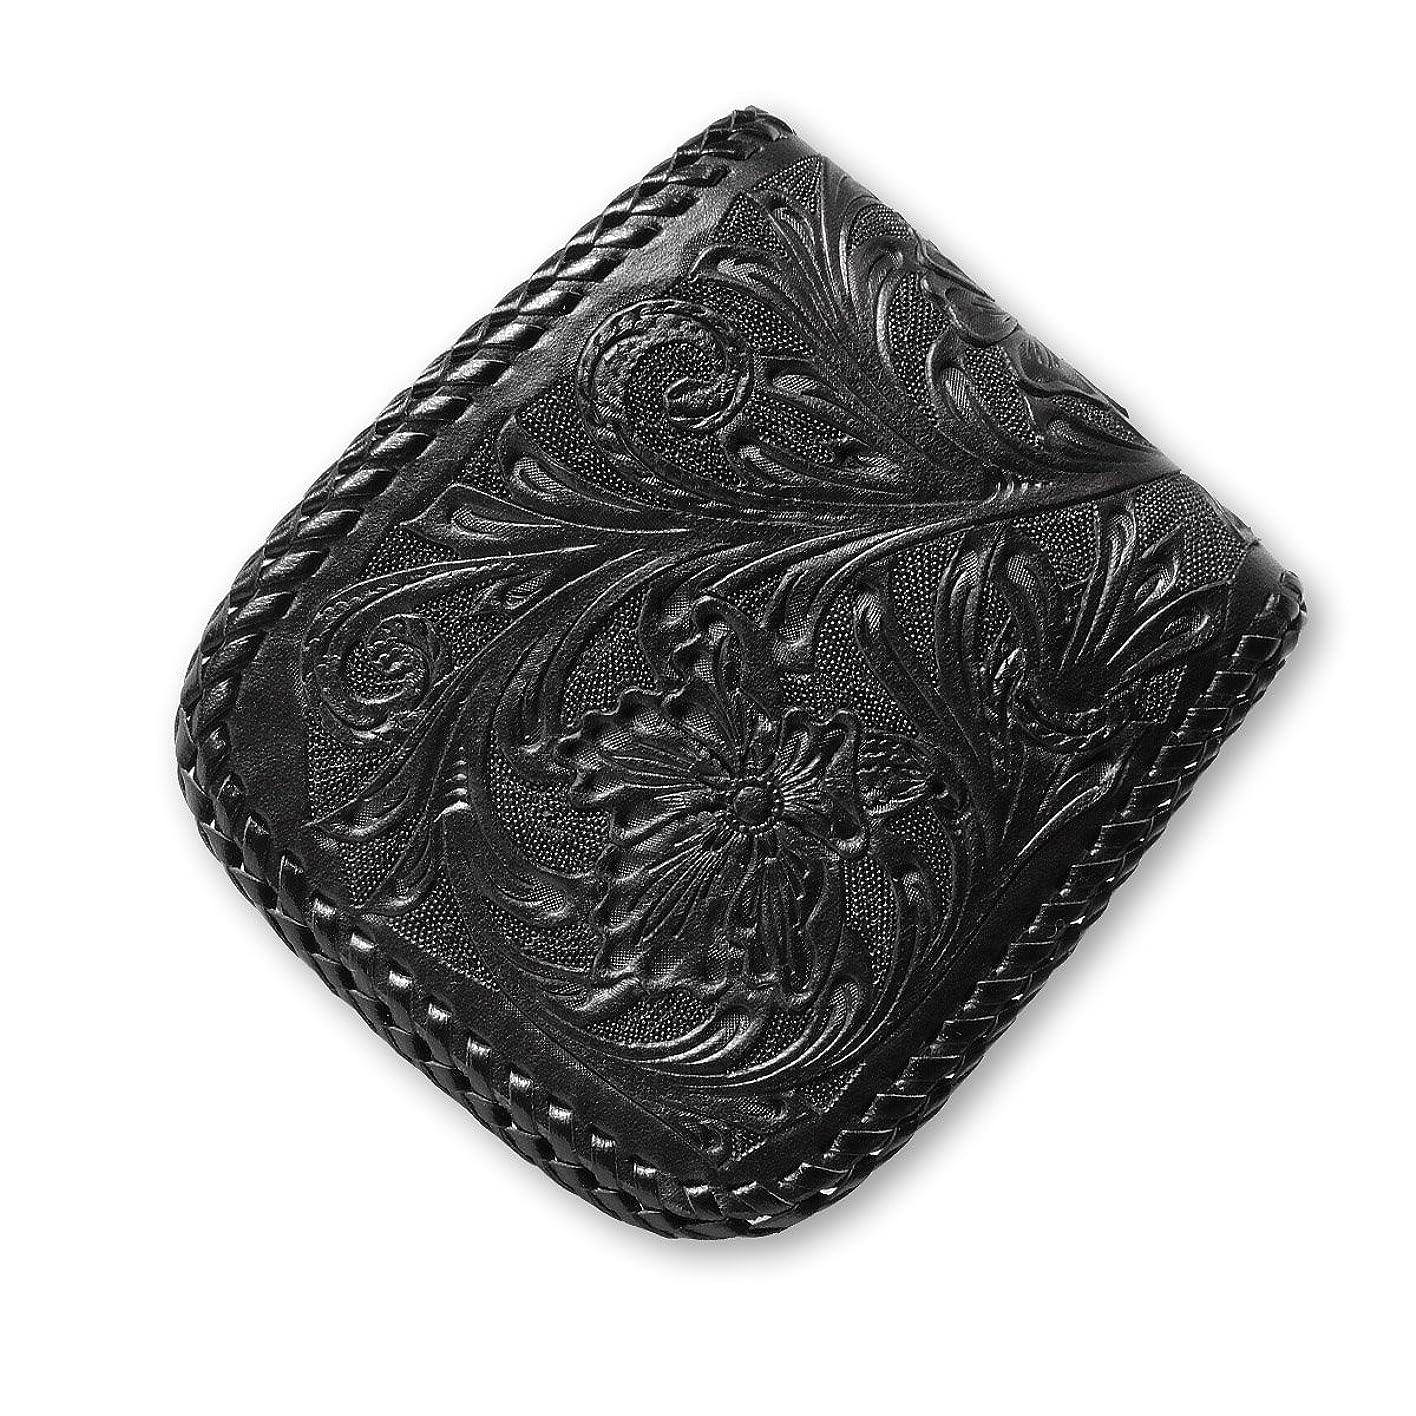 はさみ所属現象ハーフウォレット (メンズウォレット) N-1 革財布 シェリダンスタイルカービング ブラック ダブルステッチ ハンドメイド